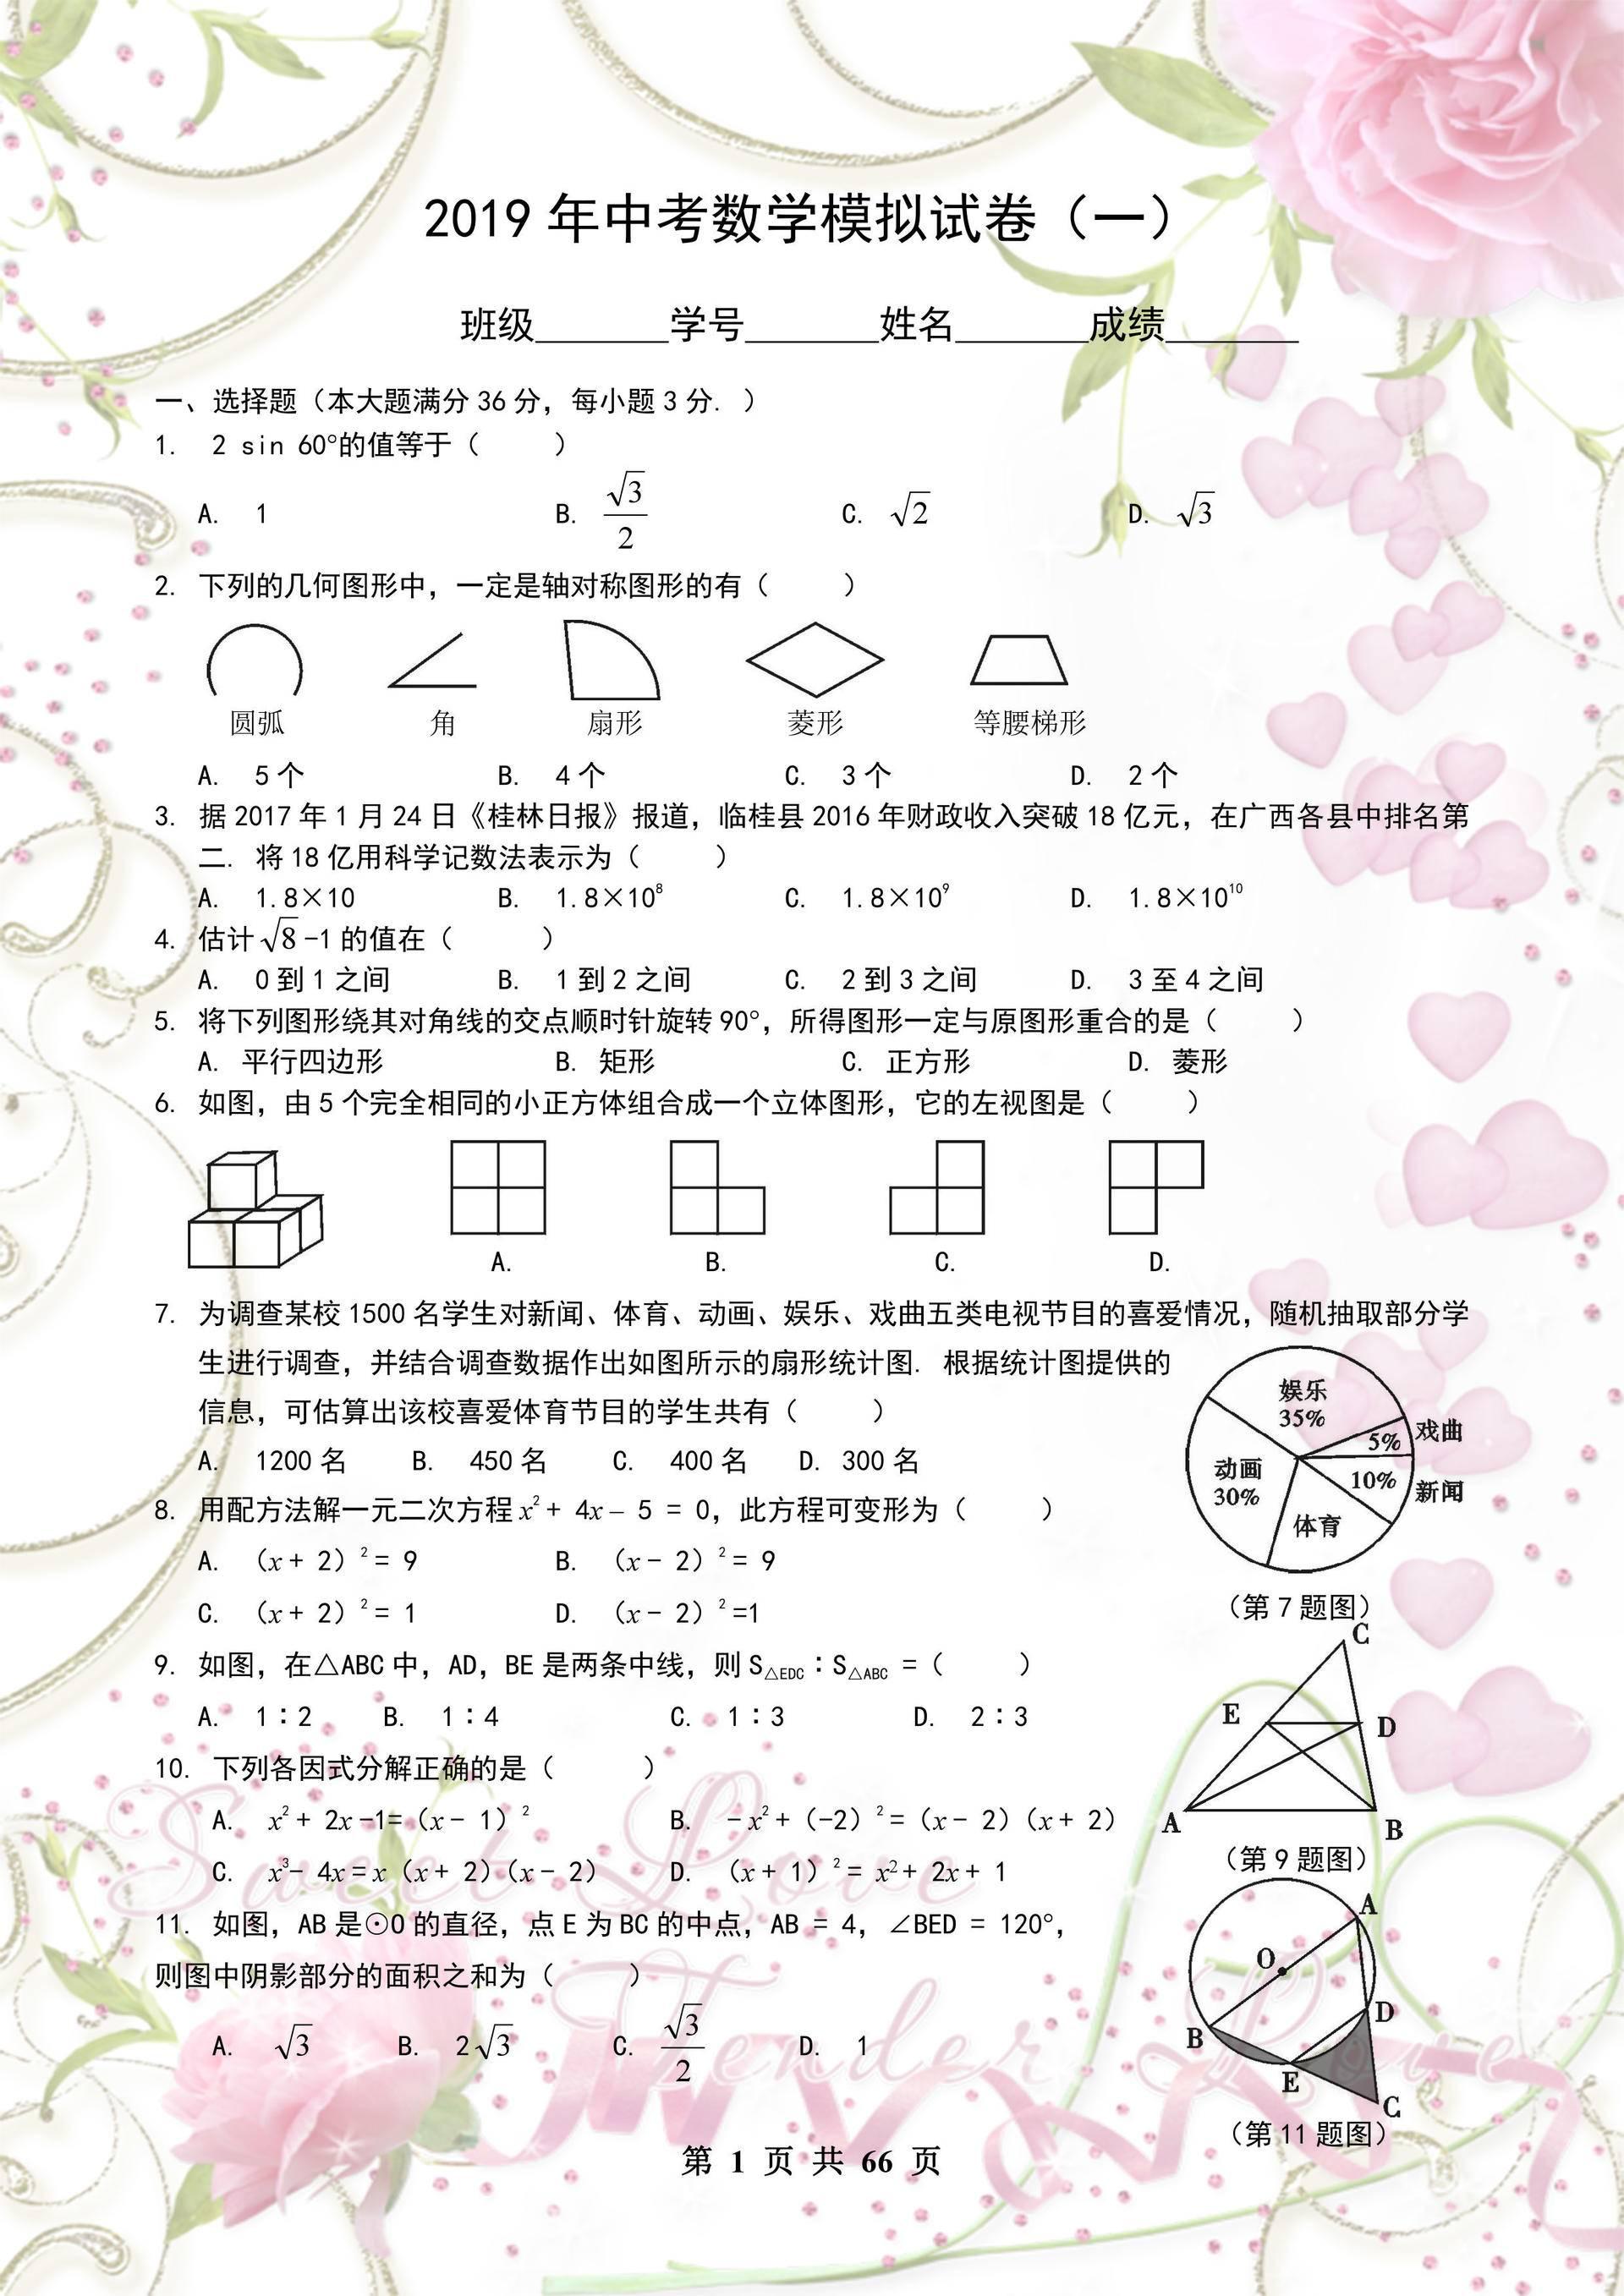 多年出题老师提醒:中考数学想考高分,这5套模拟试卷,先做一遍